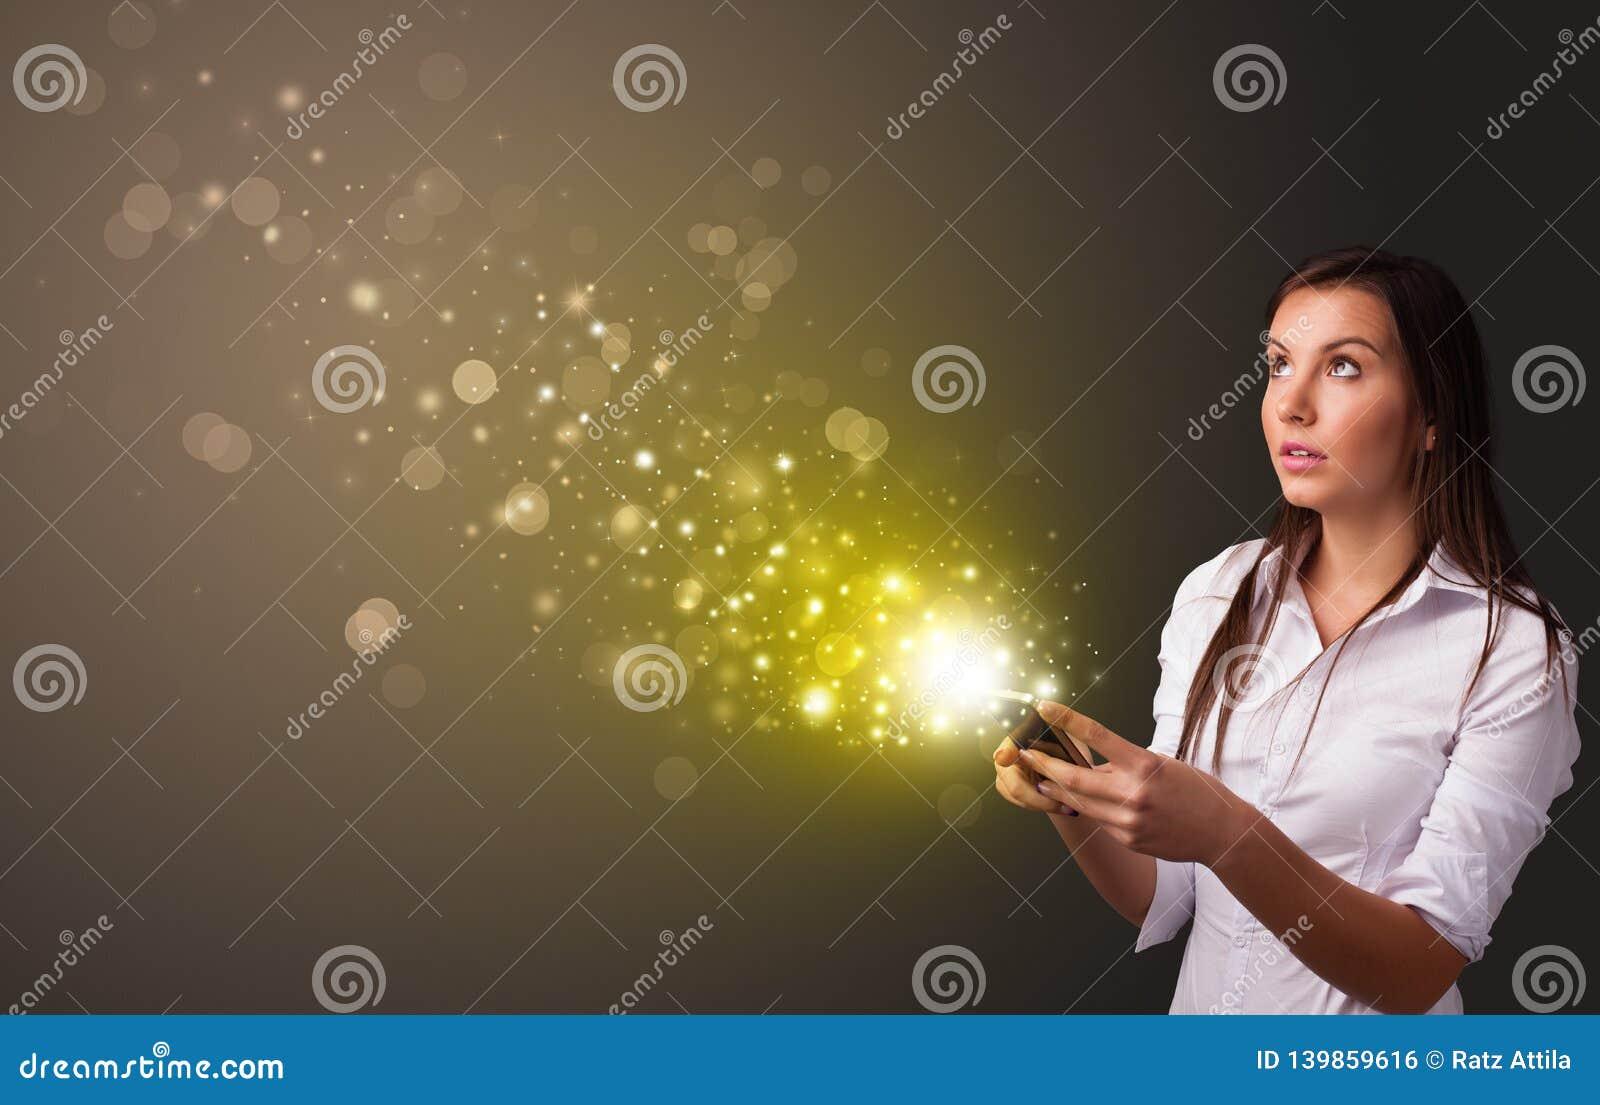 Χρησιμοποίηση του τηλεφώνου με τη χρυσή έννοια σπινθηρίσματος